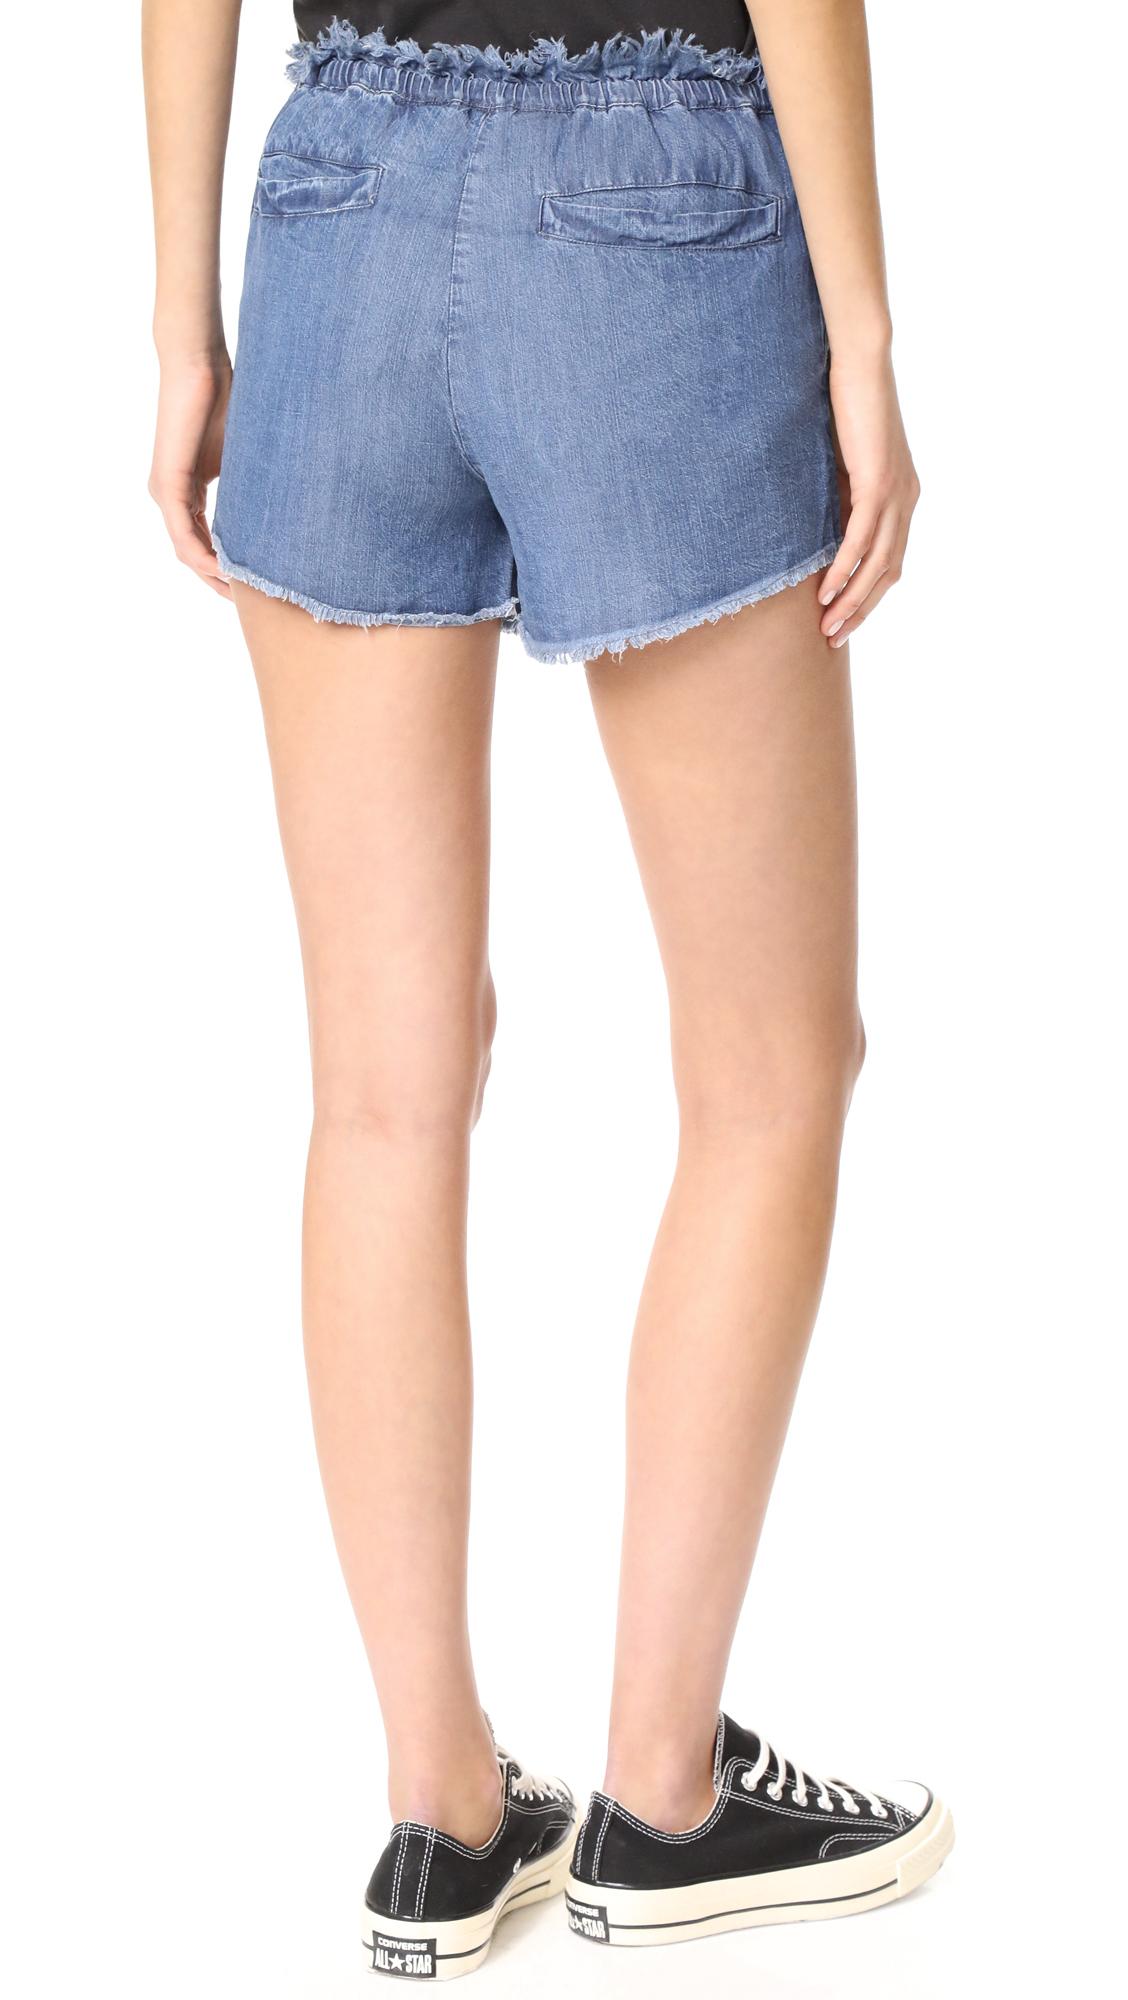 f65e1182c955 Knot Sisters Jordan Shorts